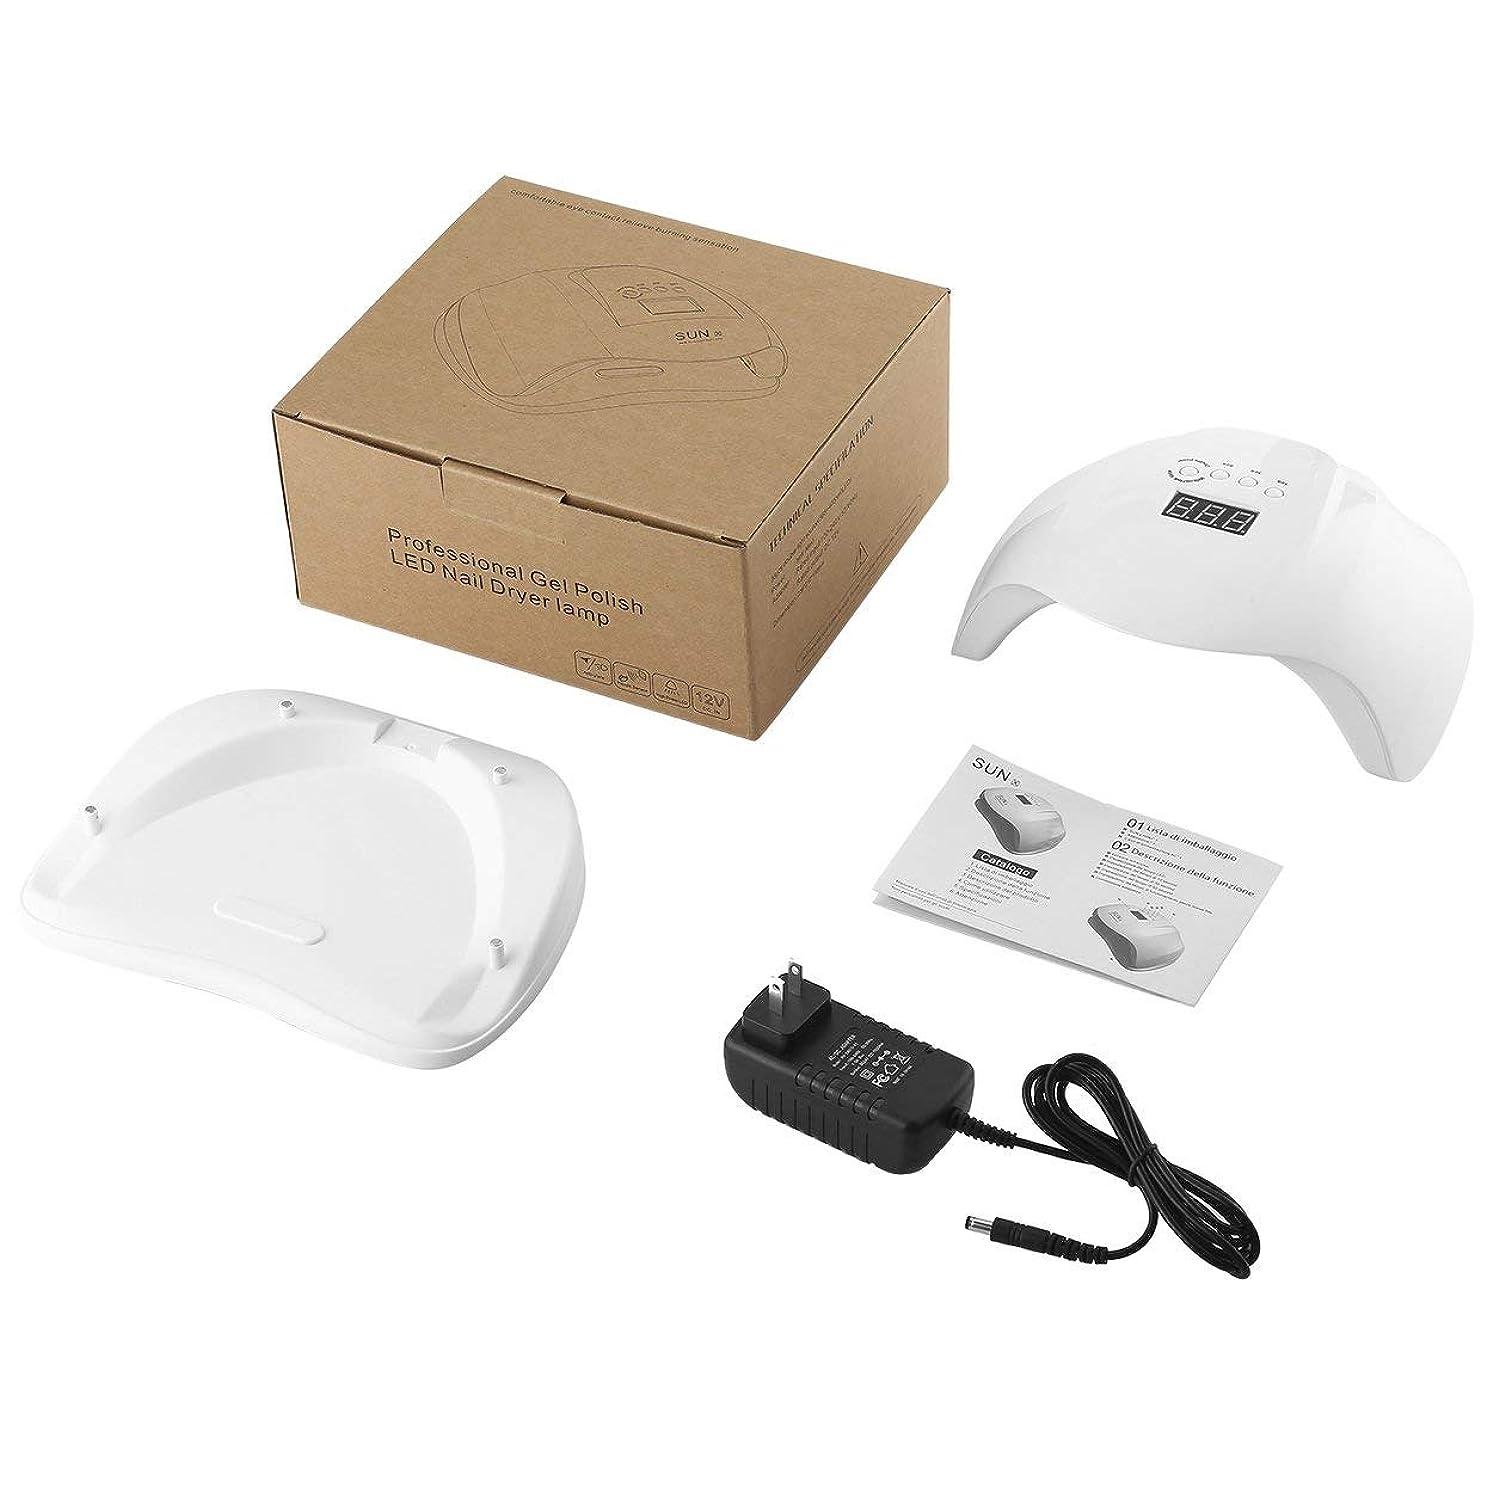 どれか自分の機械的にLCDジェルポリッシュ36 LED/UVネイルドライヤーランプモーション赤外線センサータイマー設定、JPプラグ